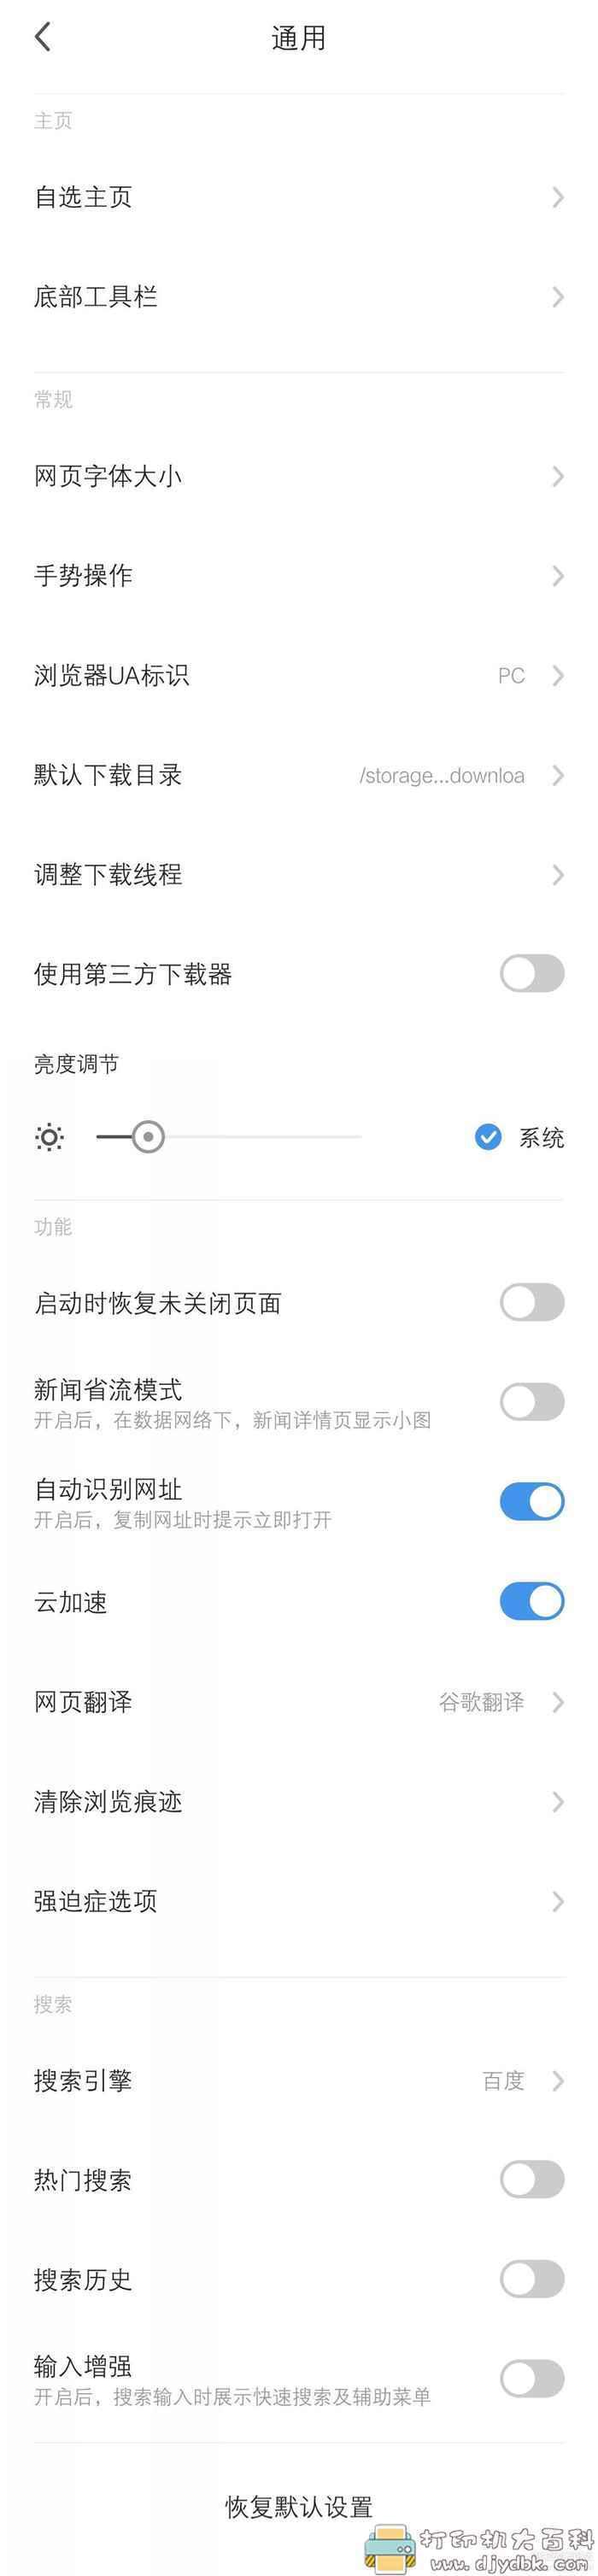 安卓360极速浏览器 更新图片 No.4